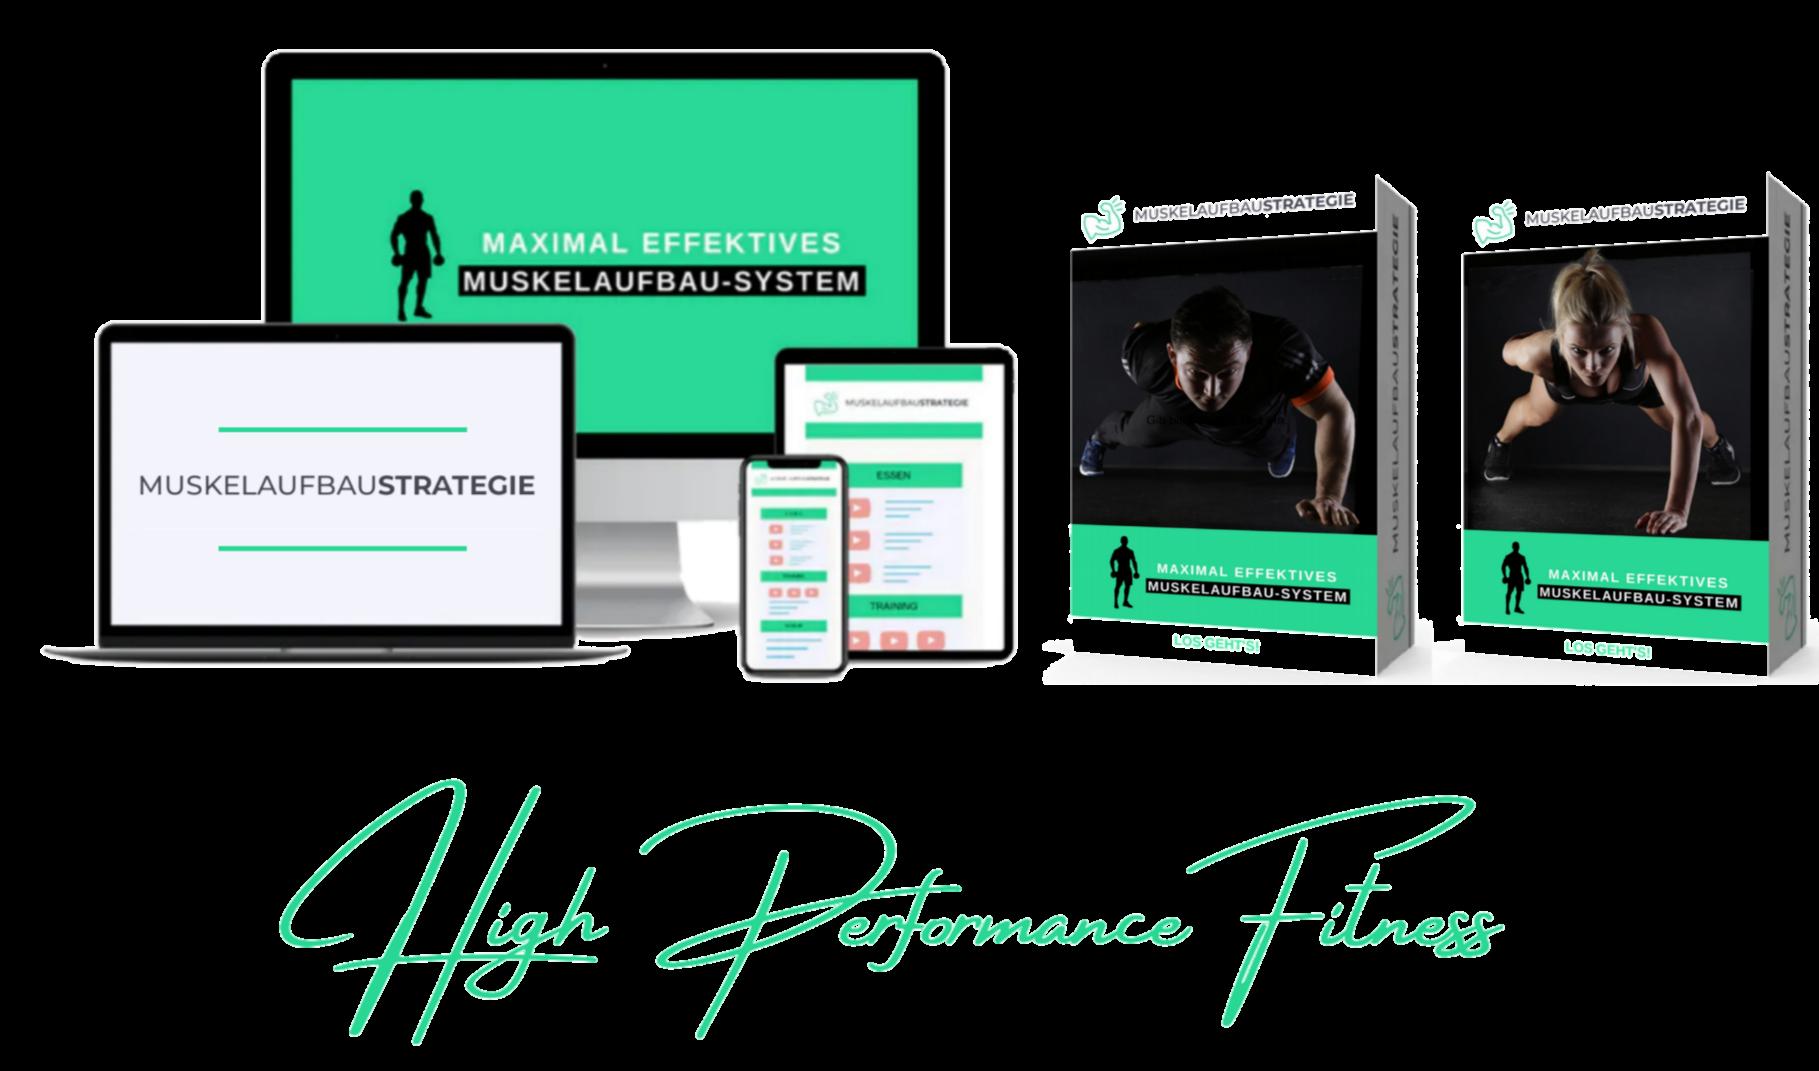 Trainingsplan, Trainingstagebuch, Fitnessrezepte, Performance Guide